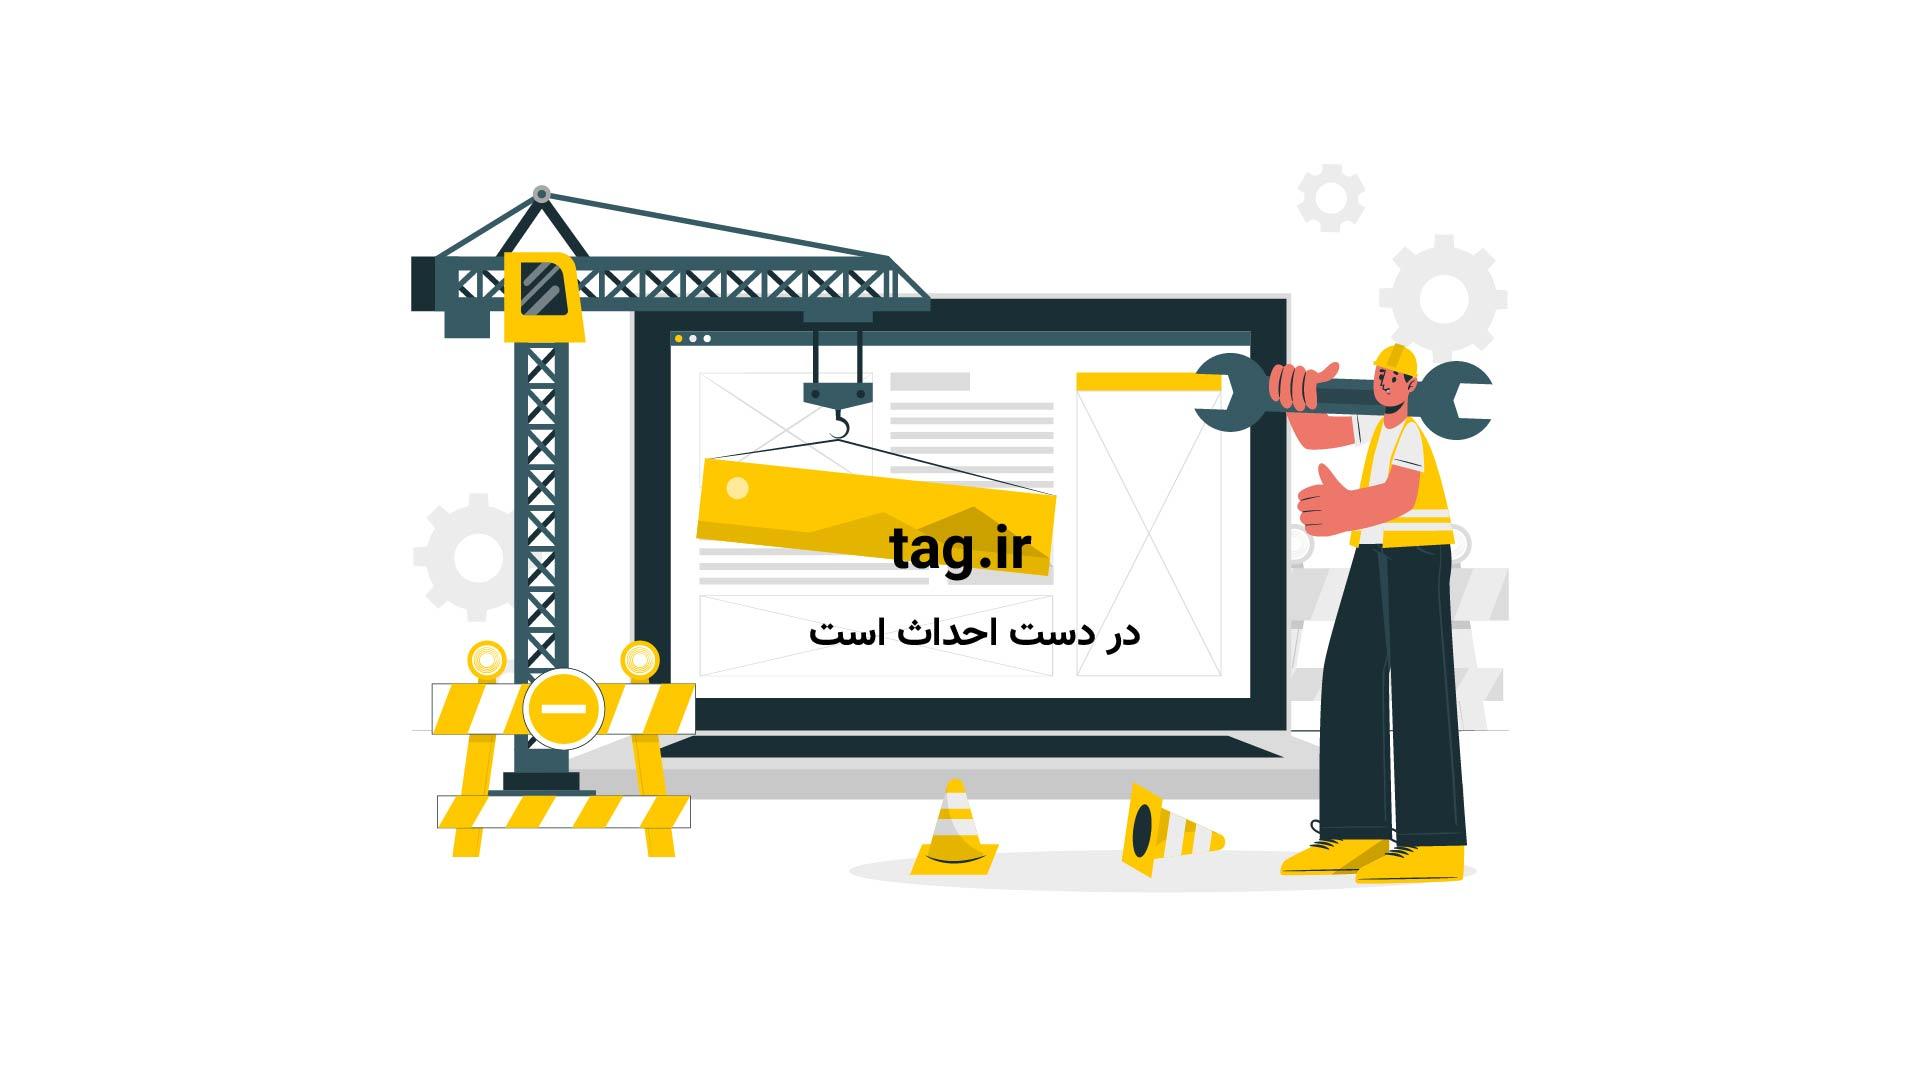 نماز عید سعید قربان | تگ